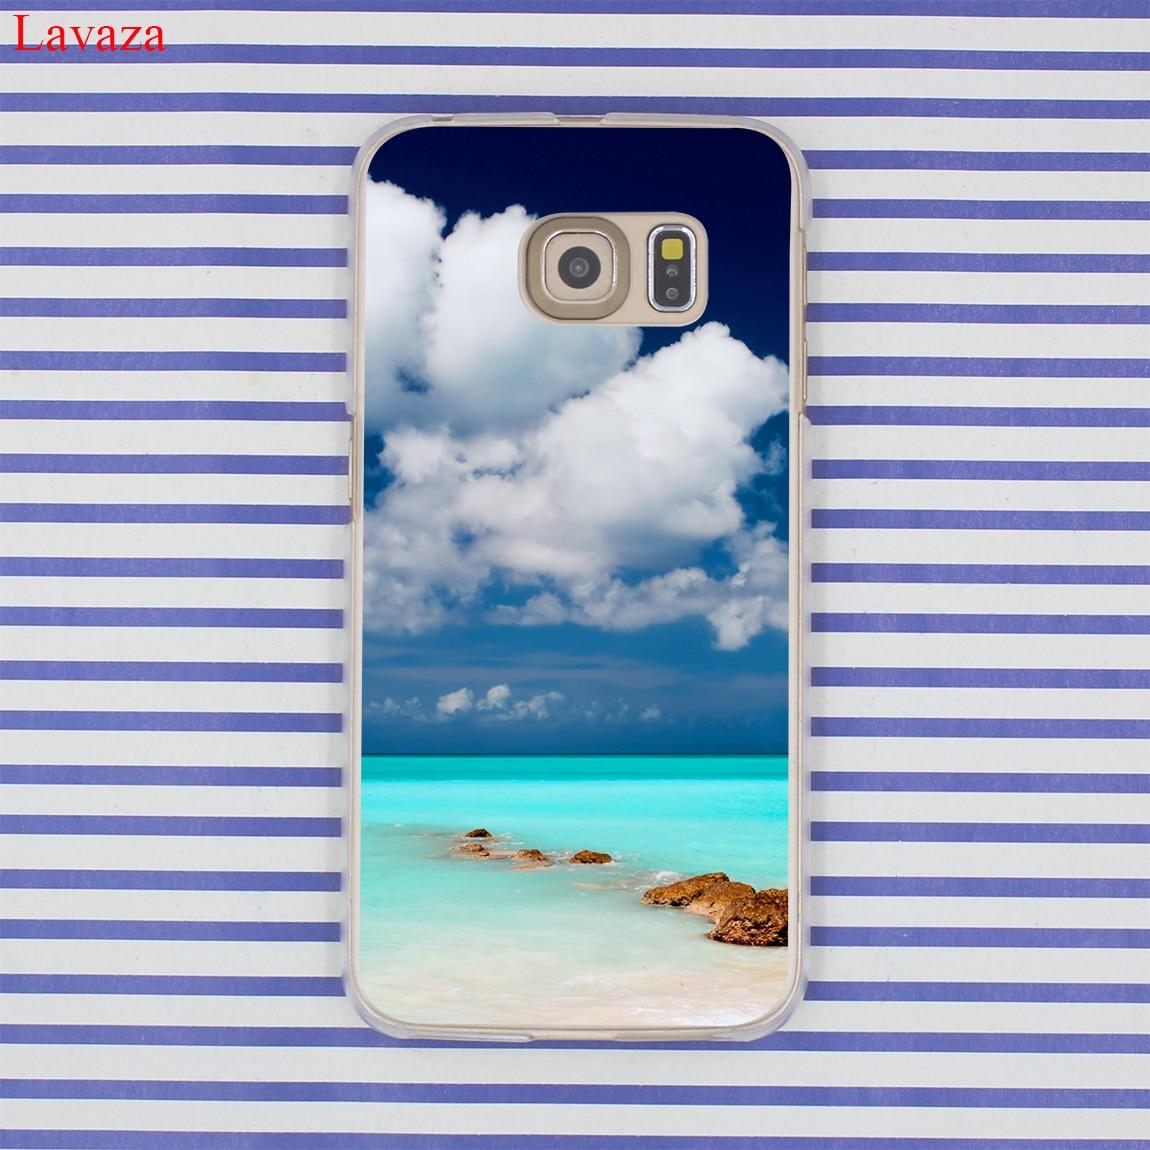 Funda de teléfono Lavaza Clear Sea Sky Sandy beach para Samsung - Accesorios y repuestos para celulares - foto 2